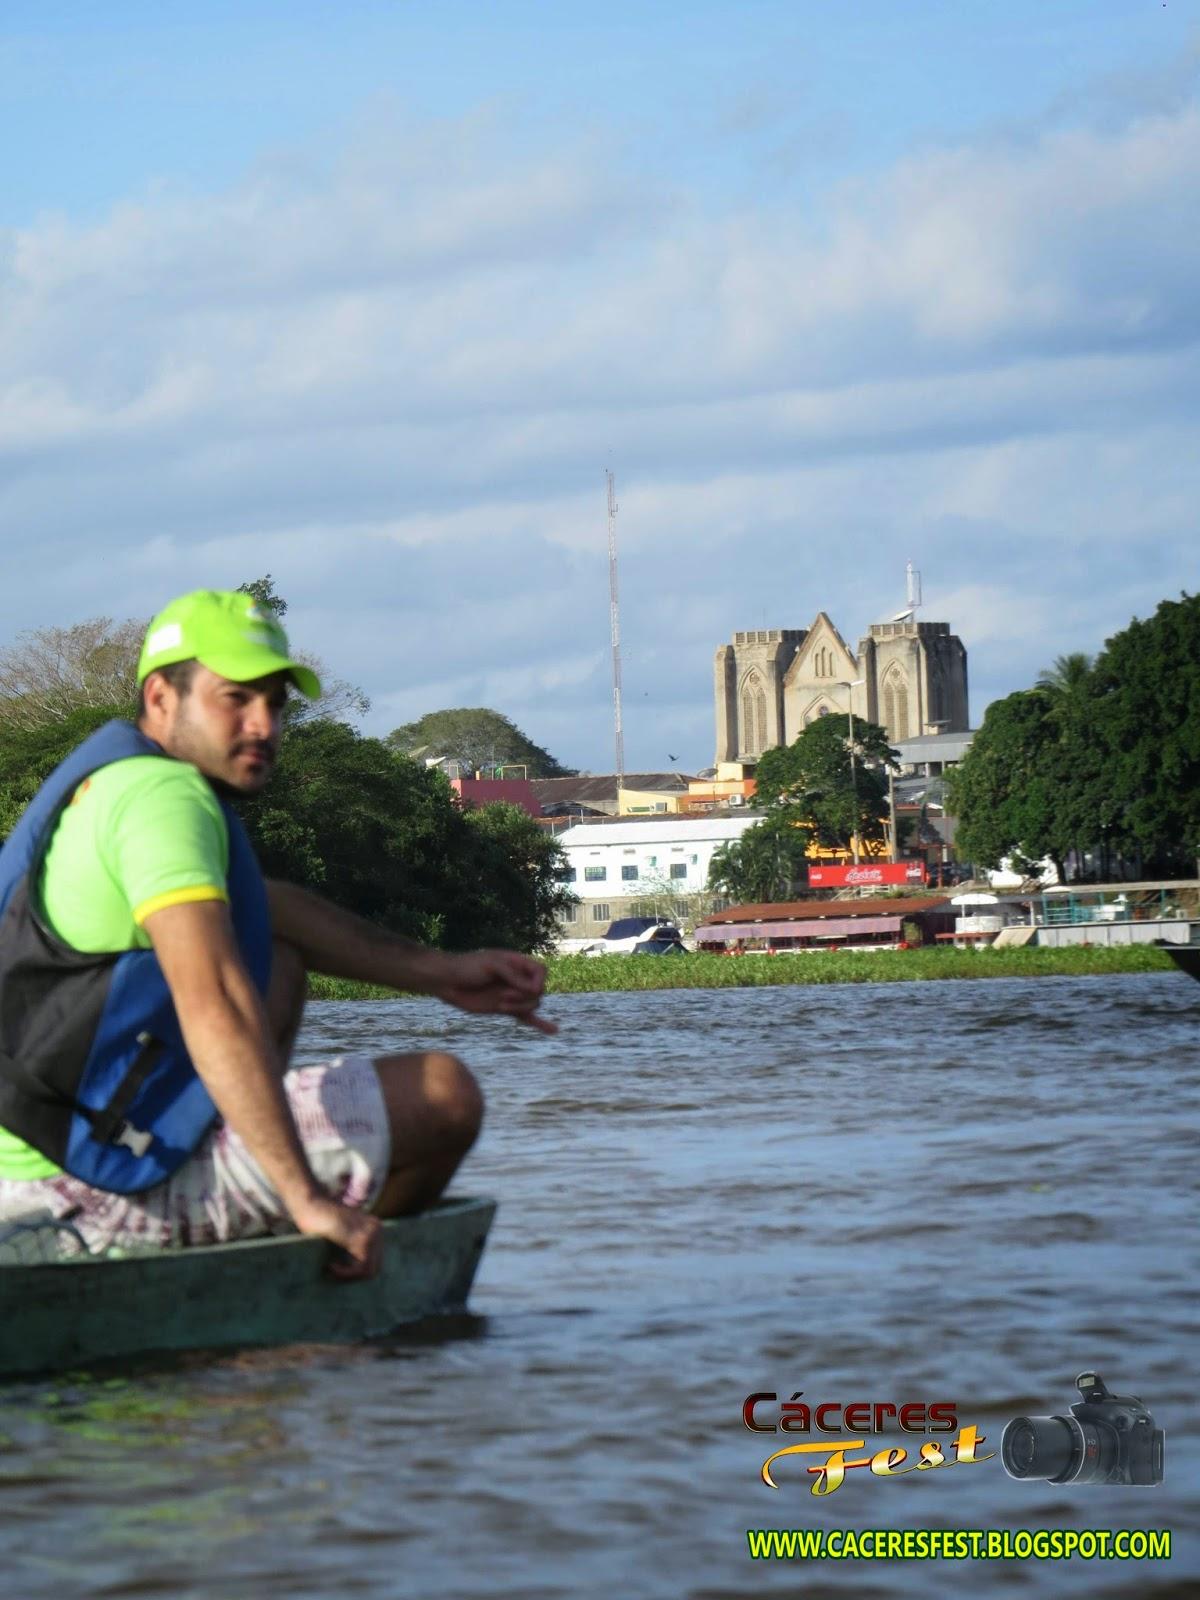 http://caceresfest.blogspot.com.br/2014/06/pesca-de-canoa-33-fip-caceres-mt.html